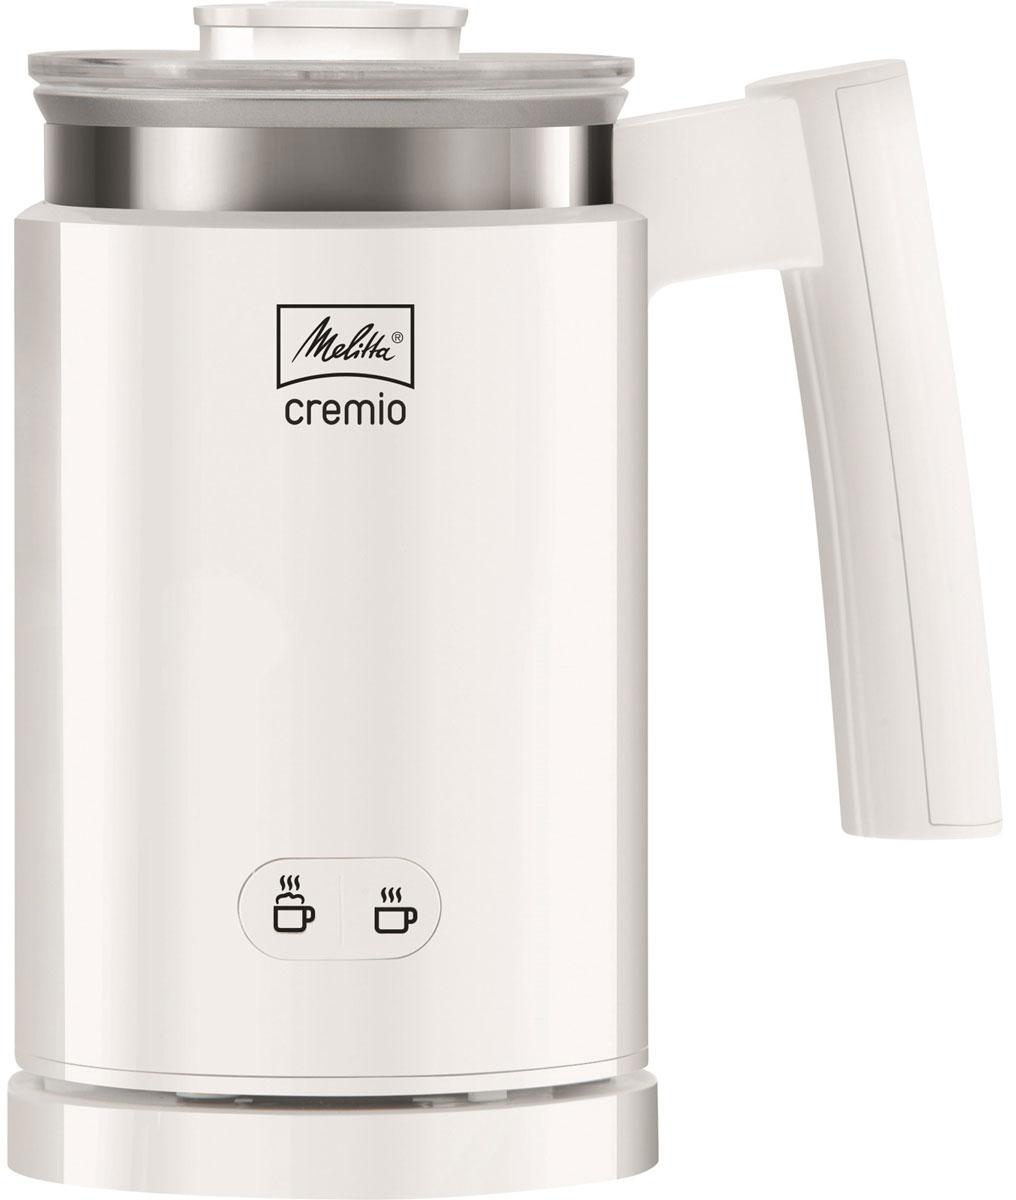 Melitta Cremio II, White капучинатор21562Будь то латте макиато или капучино - при помощи Melitta Cremio II вы можете приготовить замечательную мелкопористую теплую молочную пену для кофейных напитков, такую же, как в вашем любимом итальянском кафе. Так же вспениватель поможет приготовить холодное взбитое молоко, чтобы добавить его к десертам в качестве легкой альтернативы кремам. Поклонники молока и какао также полюбят Cremio II за возможность подогревать молоко в одно мгновение, при этом оно не подгорит.